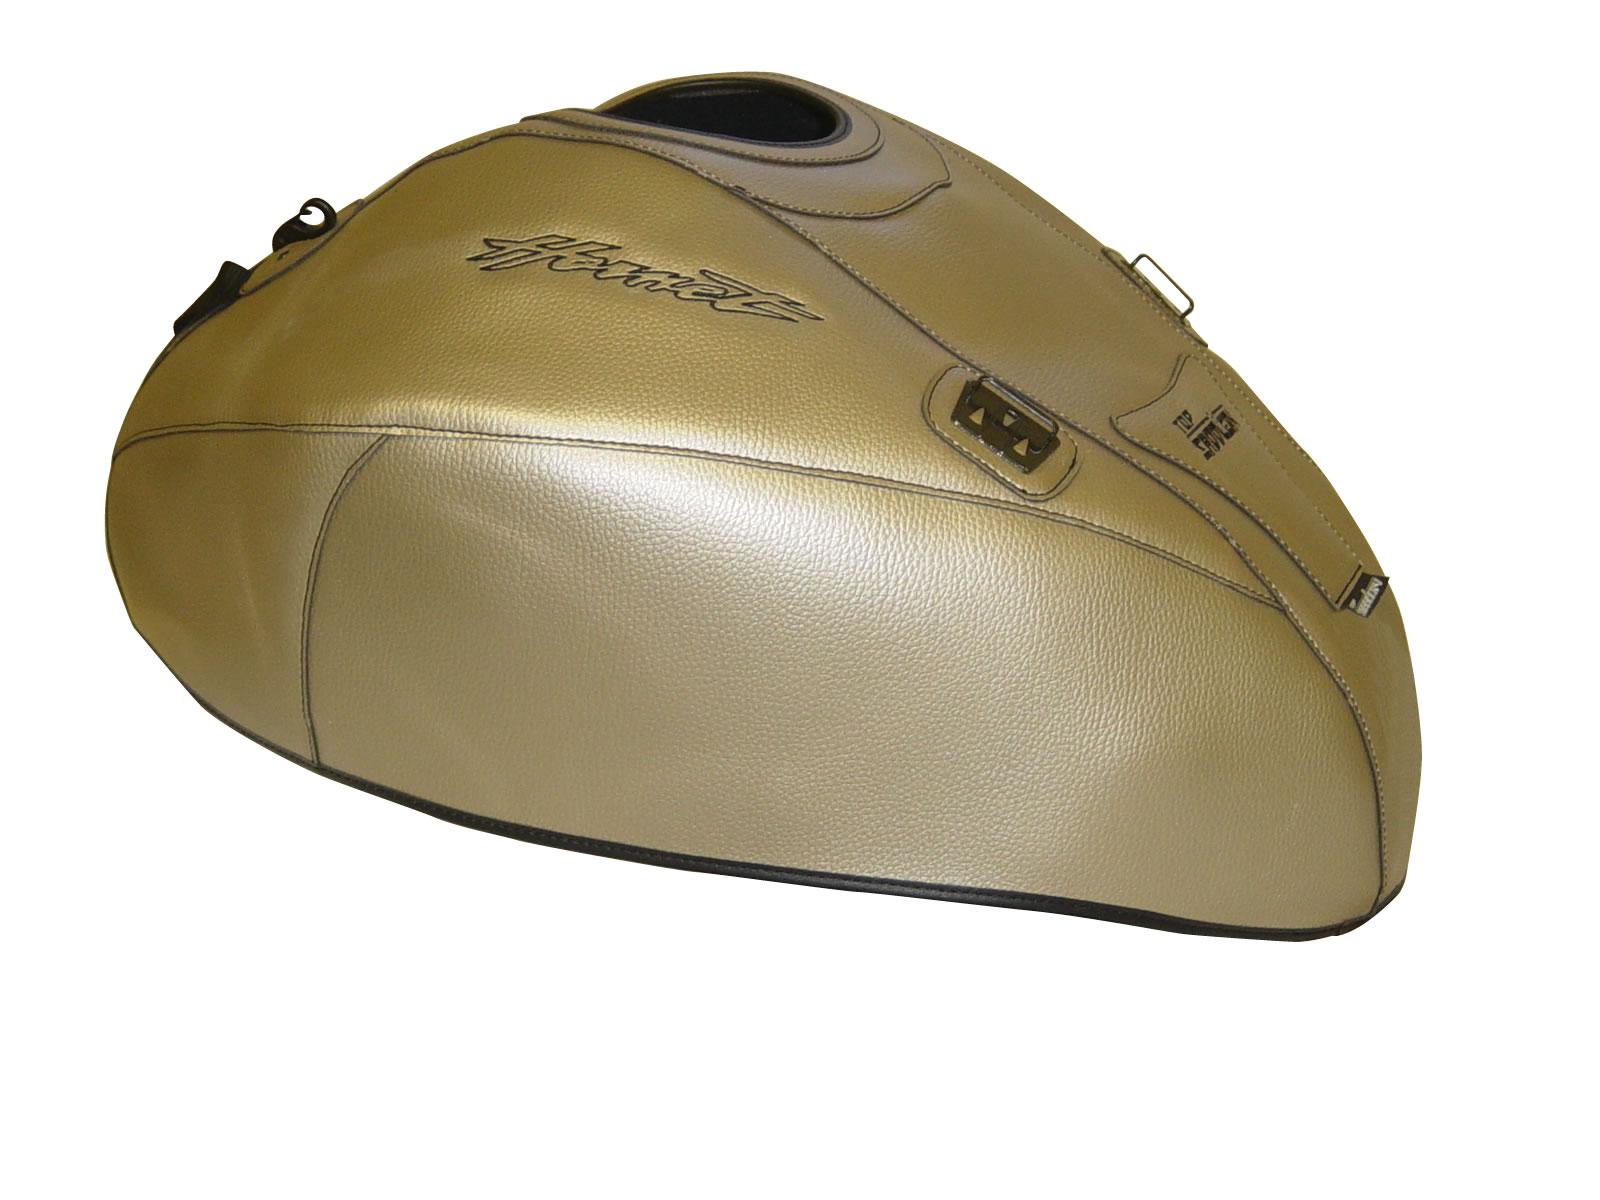 Capa de depósito TPR4260 - HONDA HORNET CB 600 S/F [2003-2006]